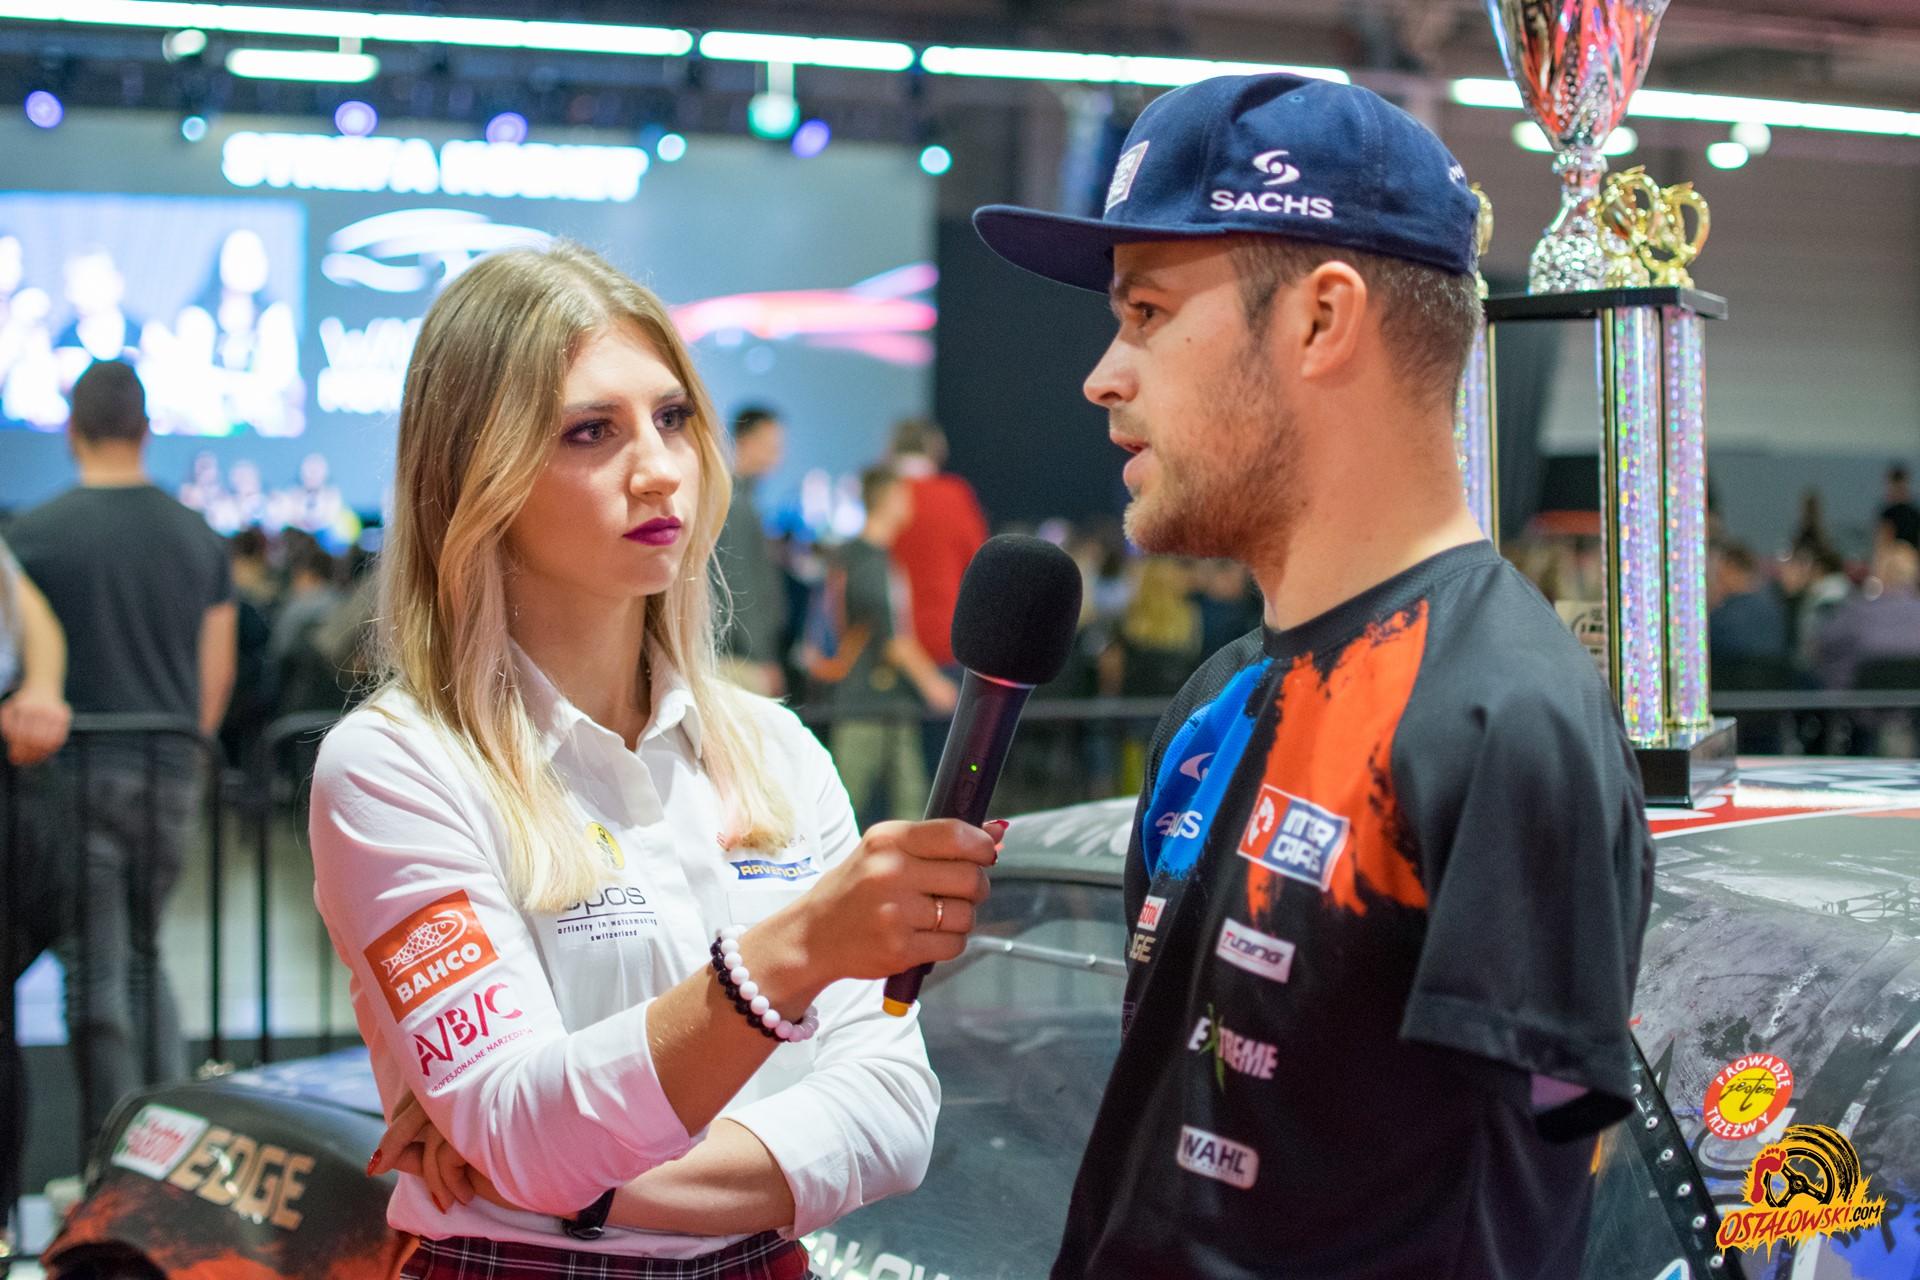 Bartosz Ostałowski - Warsaw Motor Show 2019 (10 of 12).jpg